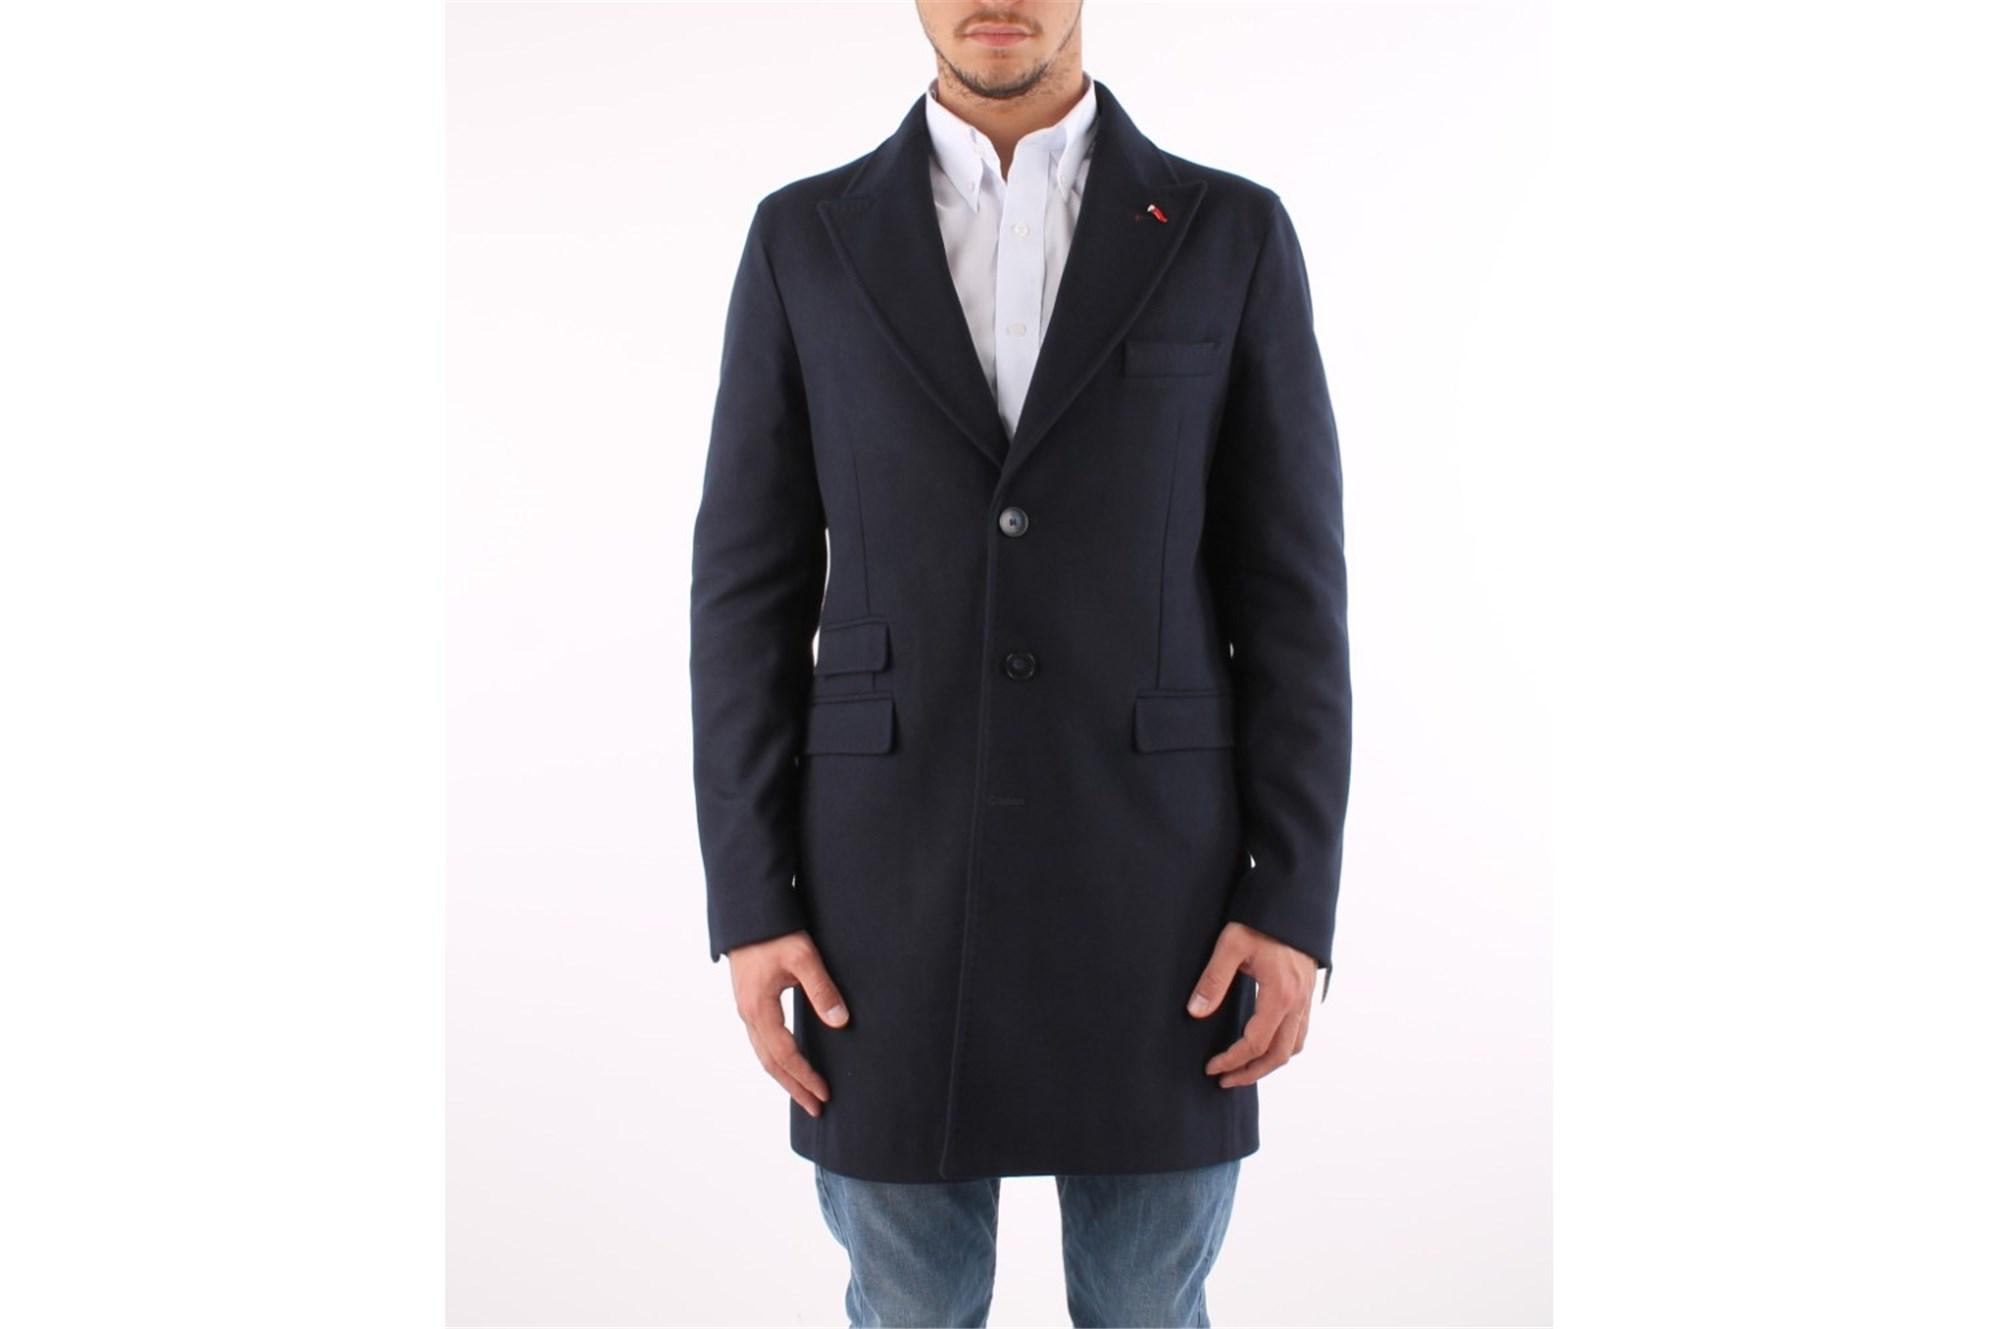 ... Mulish UBUSPAR Blu Cappotto Abbigliamento Uomo Principe ...  3eb70b98de804db  La Nazionalità Jeans Donna Pinko ... a0fe7fe40dd